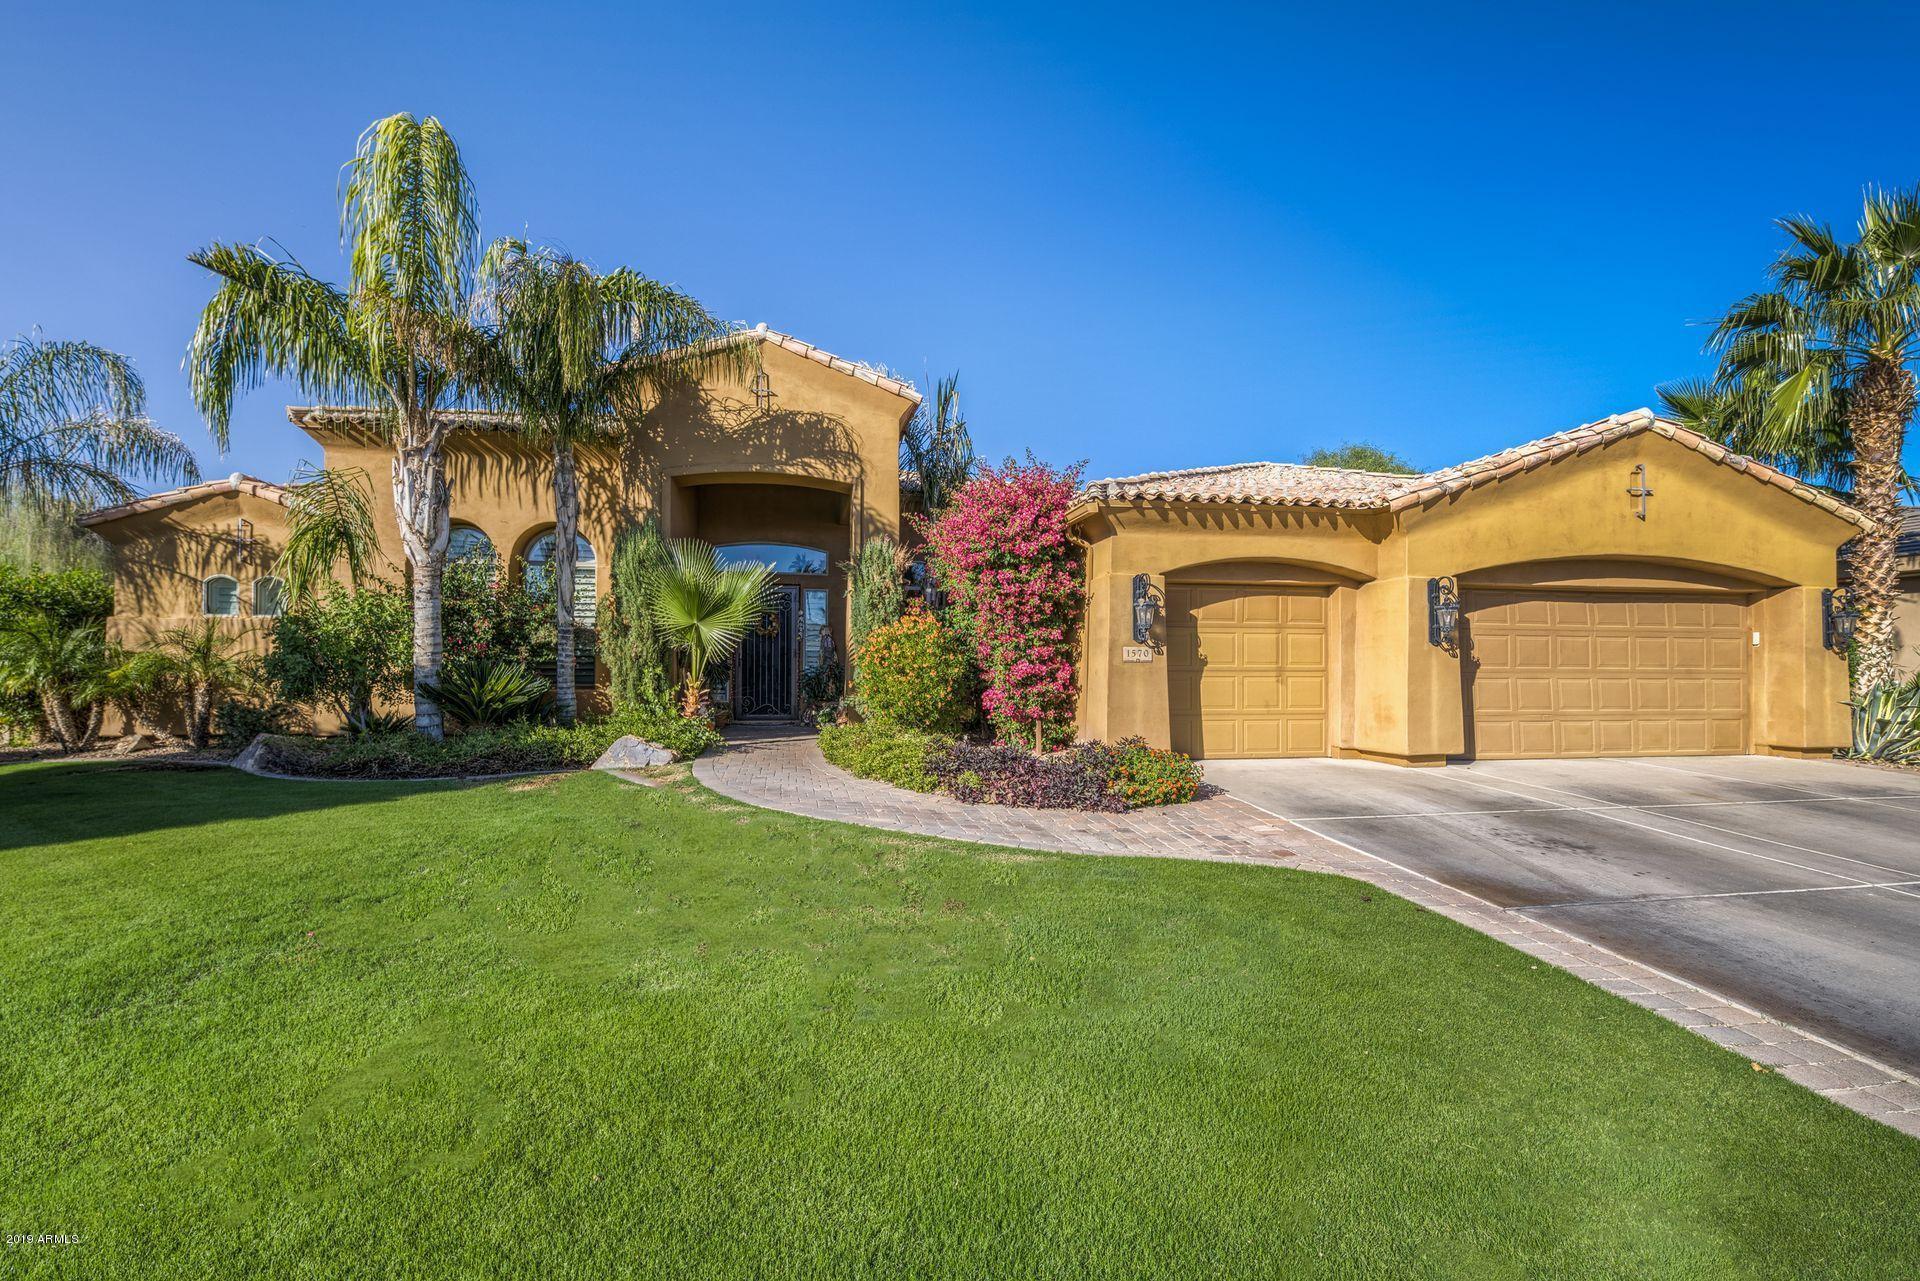 Photo of 1570 W GRAND CANYON Drive, Chandler, AZ 85248